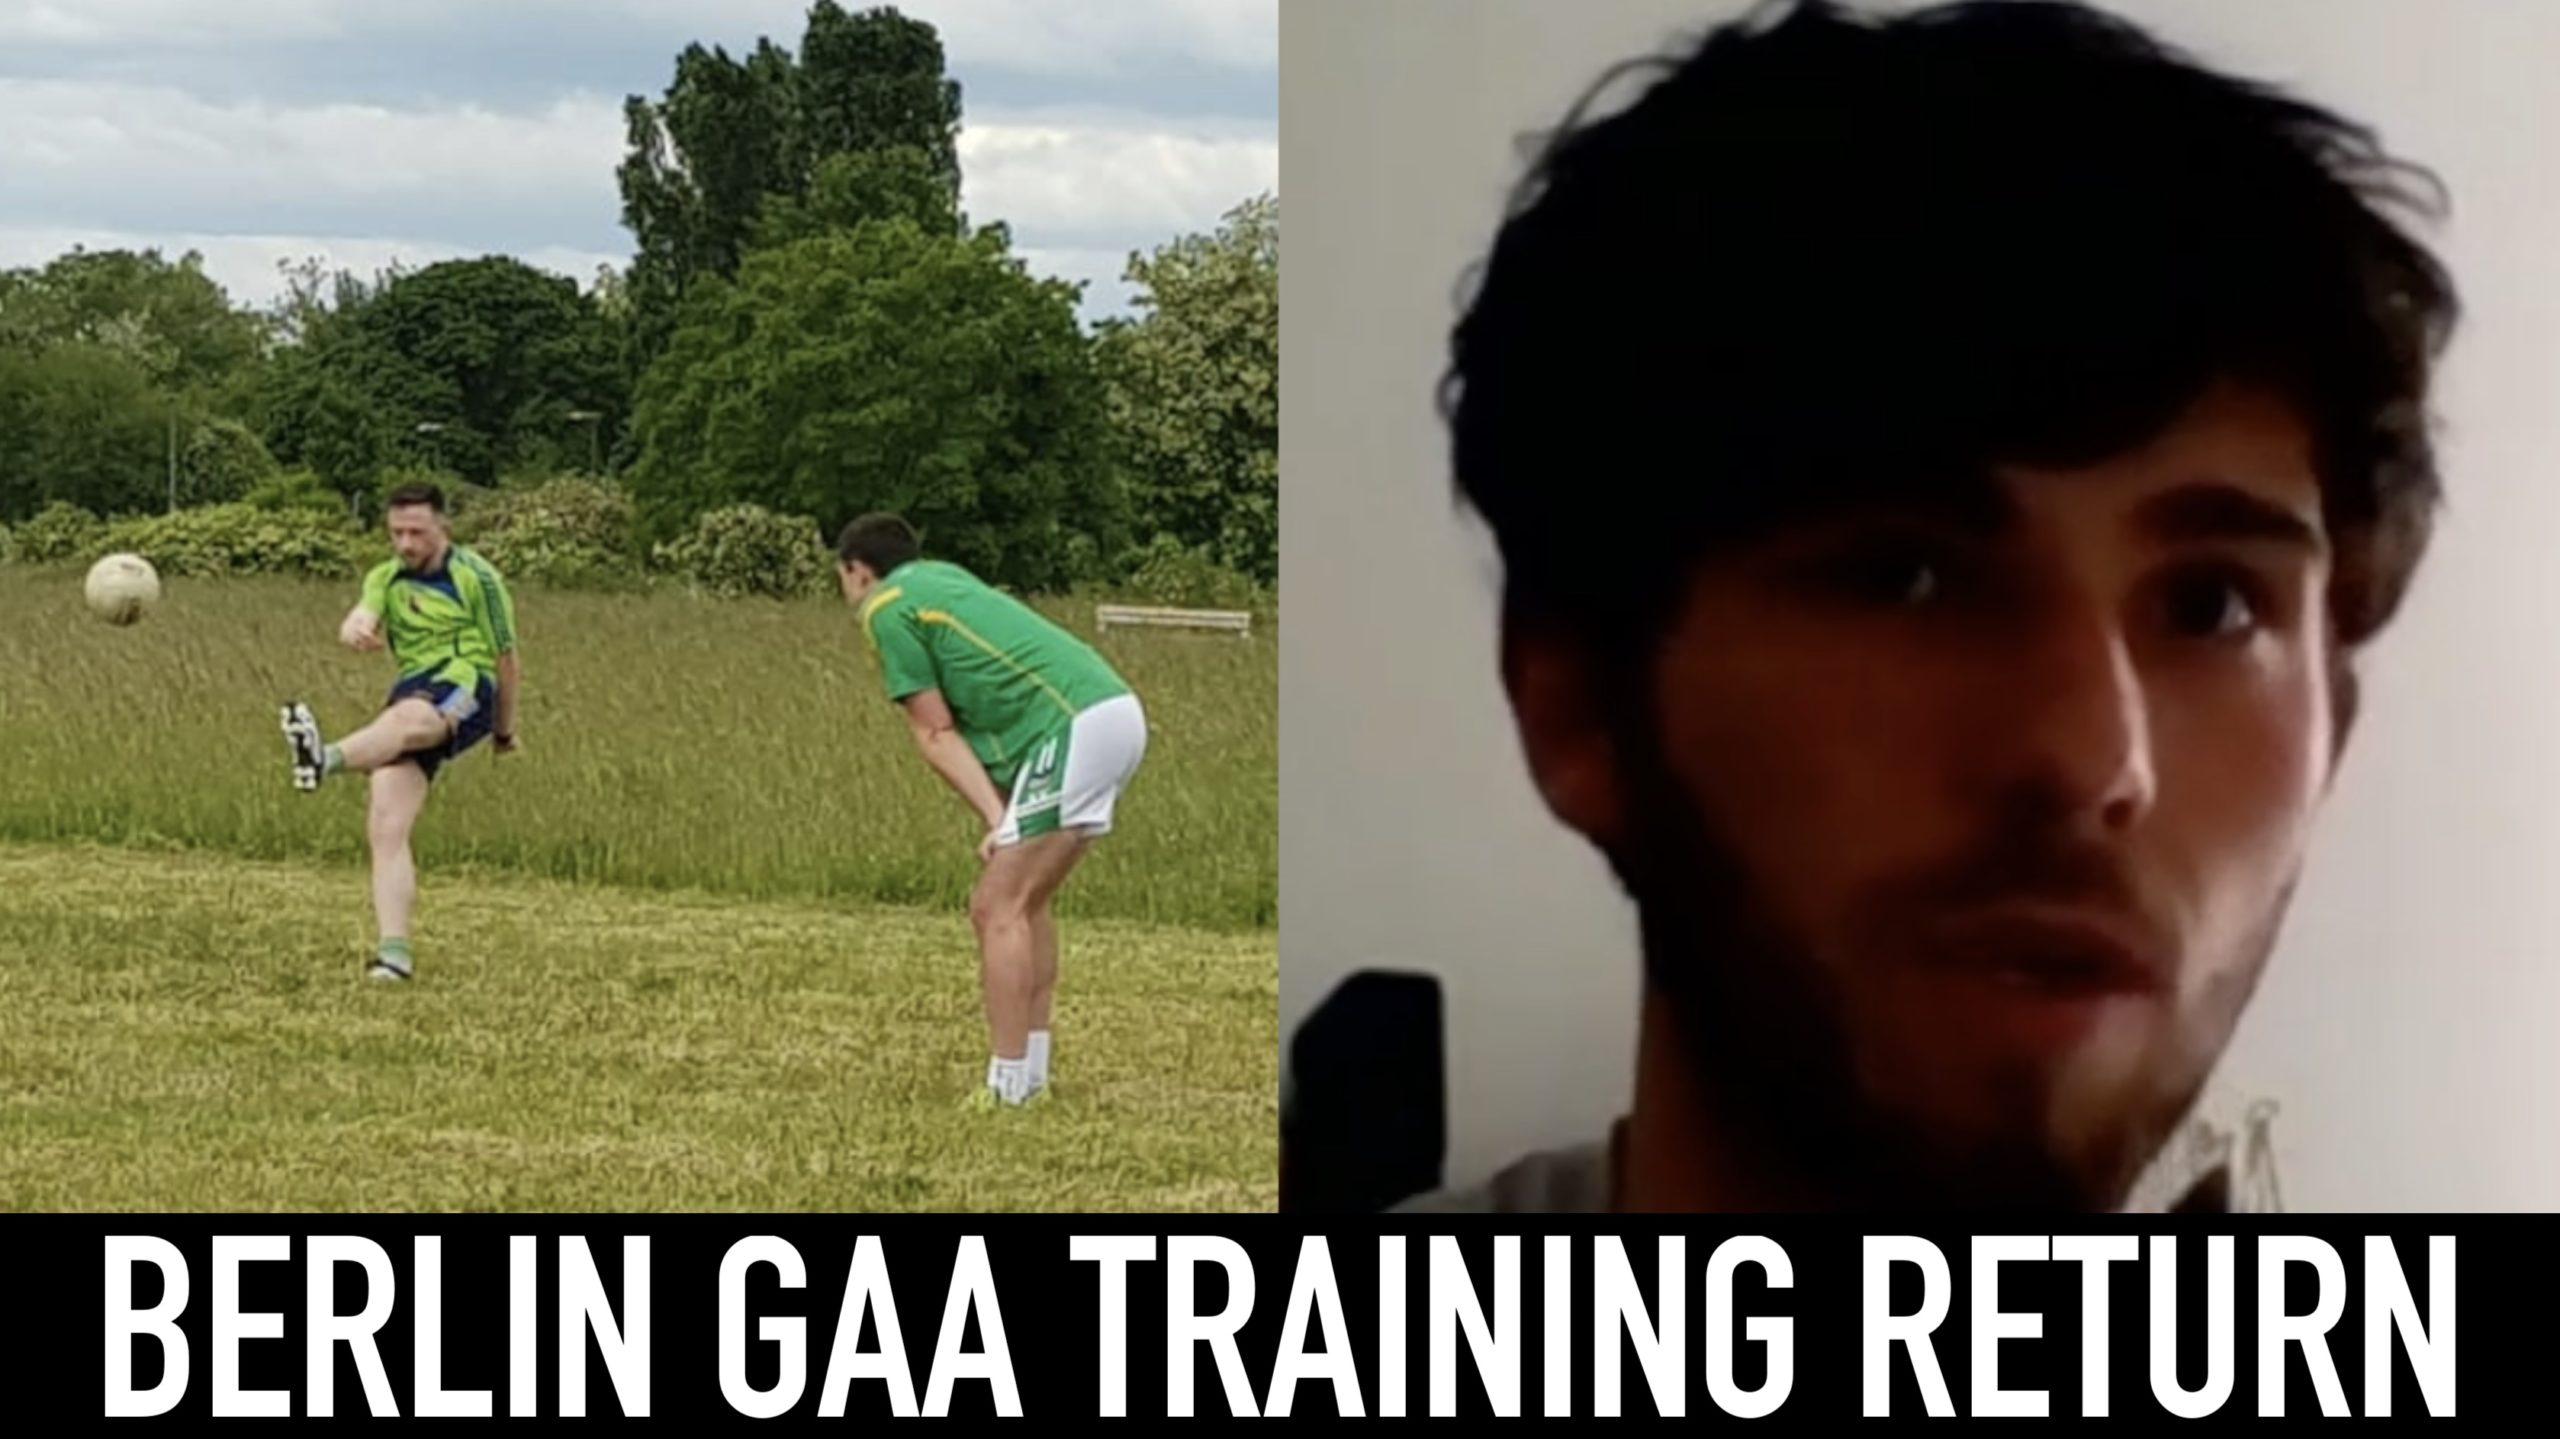 Berlin GAA and player Luke Quinn